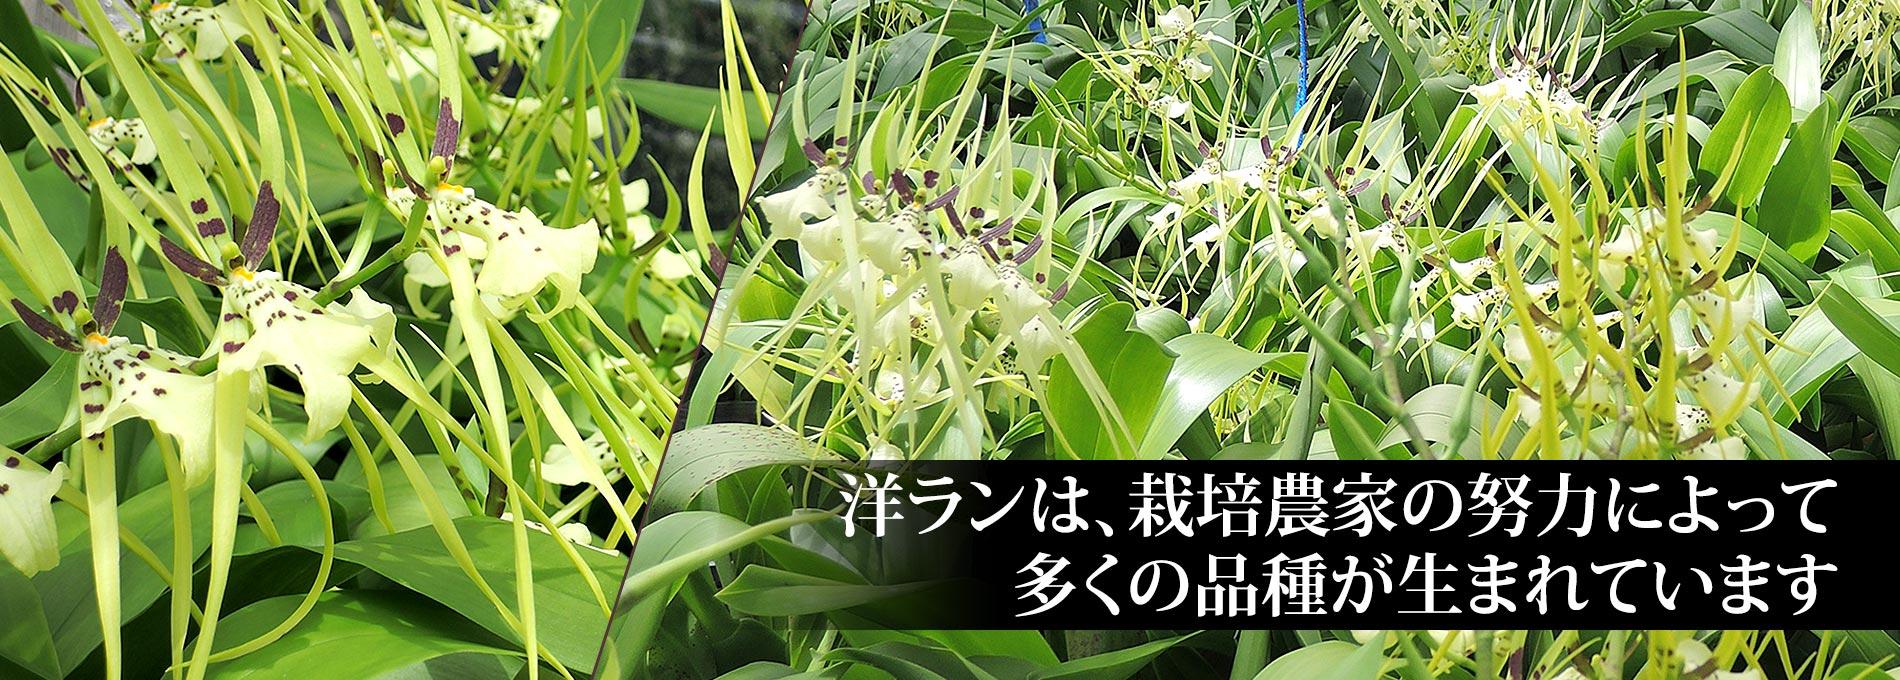 胡蝶蘭、カトレアなどの洋ランは、栽培農家の努力によって多くの品種が生まれています